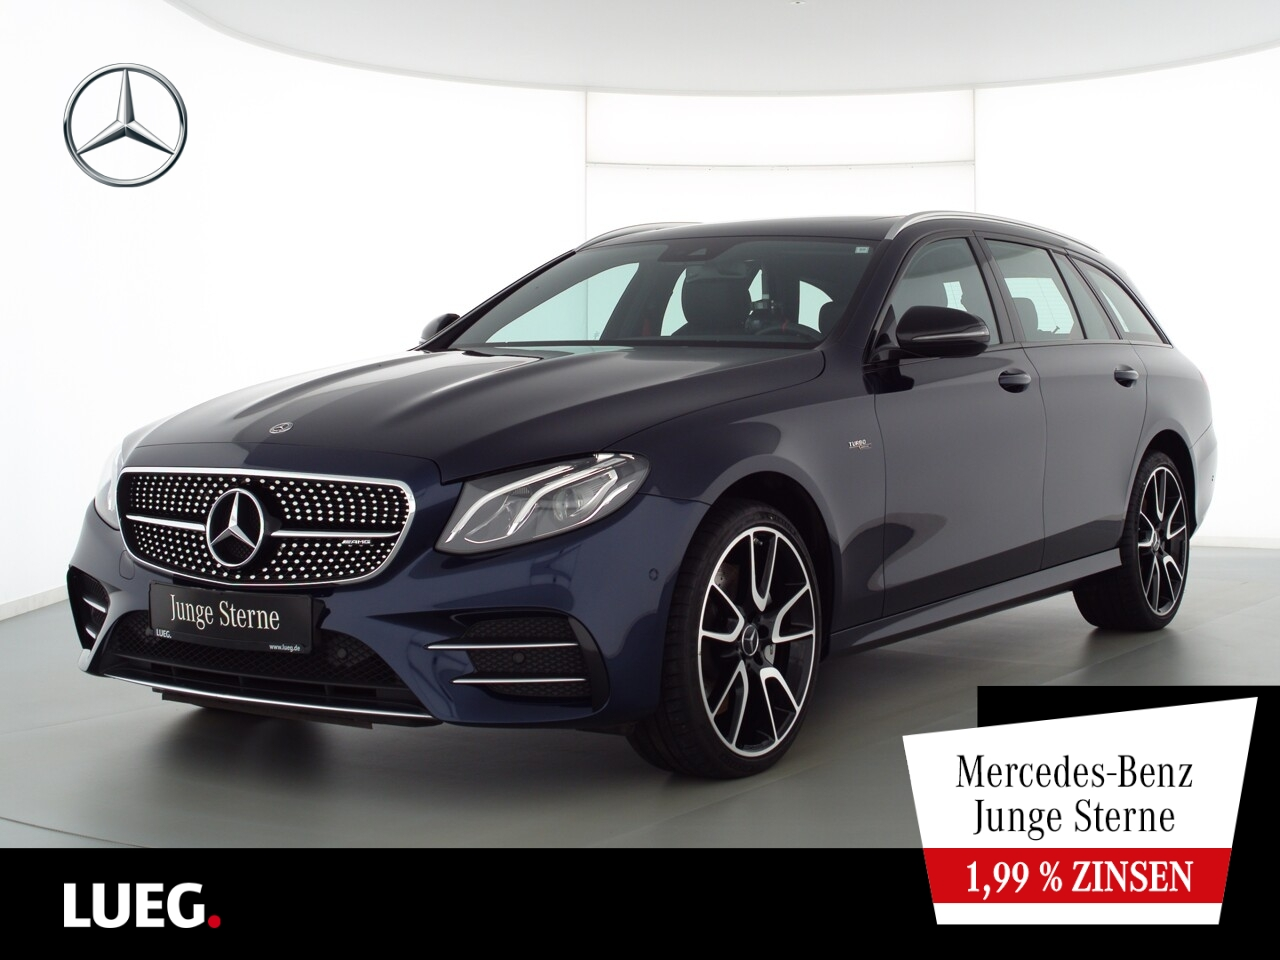 Mercedes-Benz E 53 AMG T 4M COM+SHD+LED-HP+RIDE+20''+Widesc+RF, Jahr 2018, Benzin